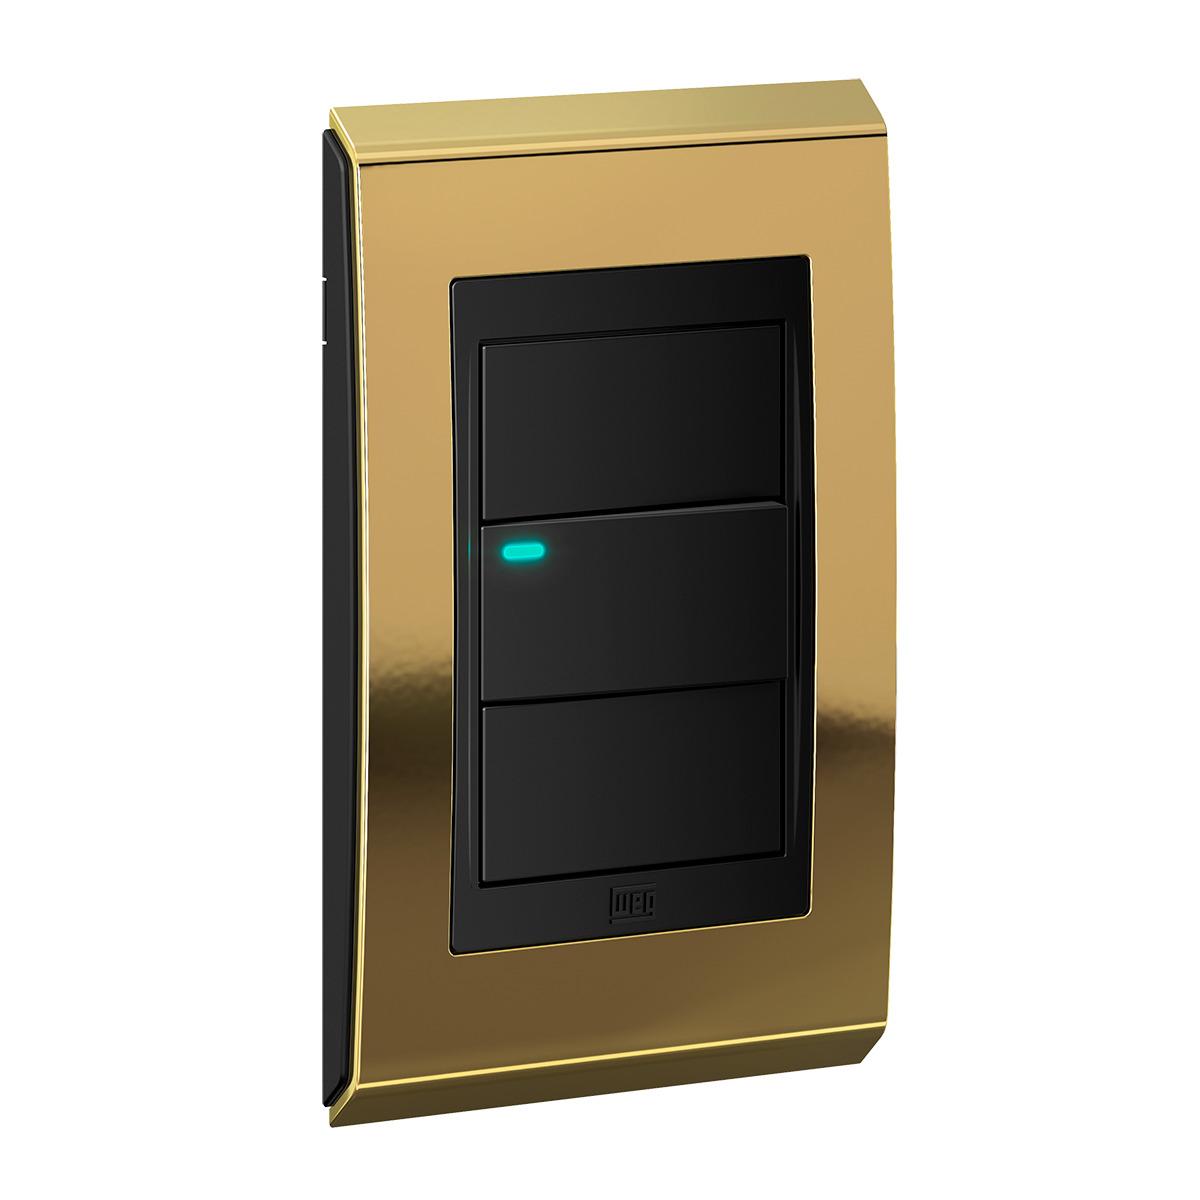 Conjunto 1 Interruptor LED - Refinatto Concept- Ouro / Preto